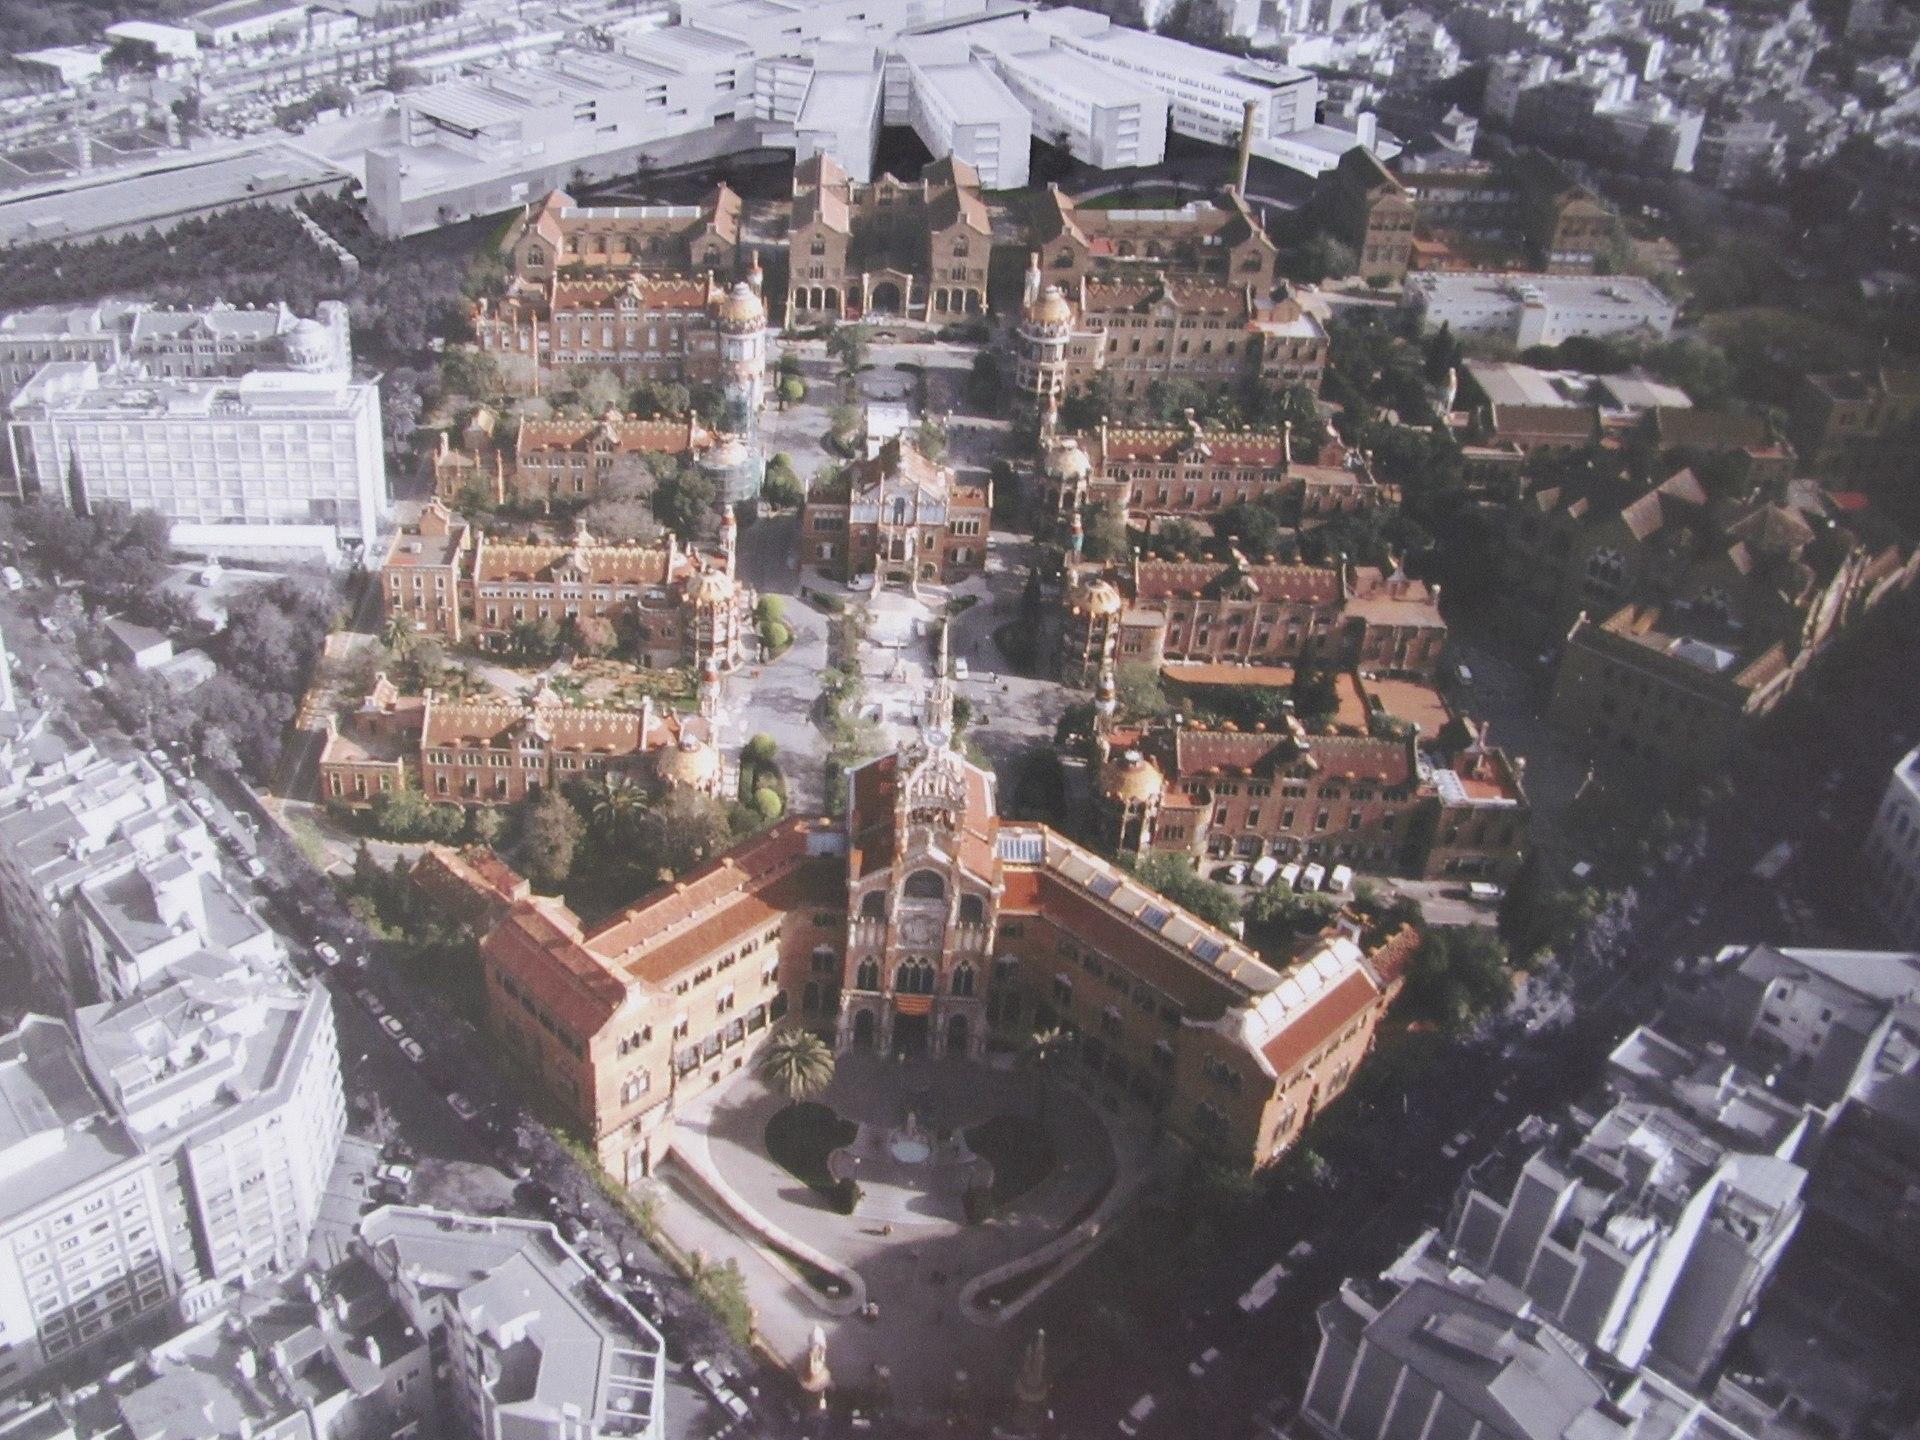 Картинка из Википедии. Автор: Książę der Estken